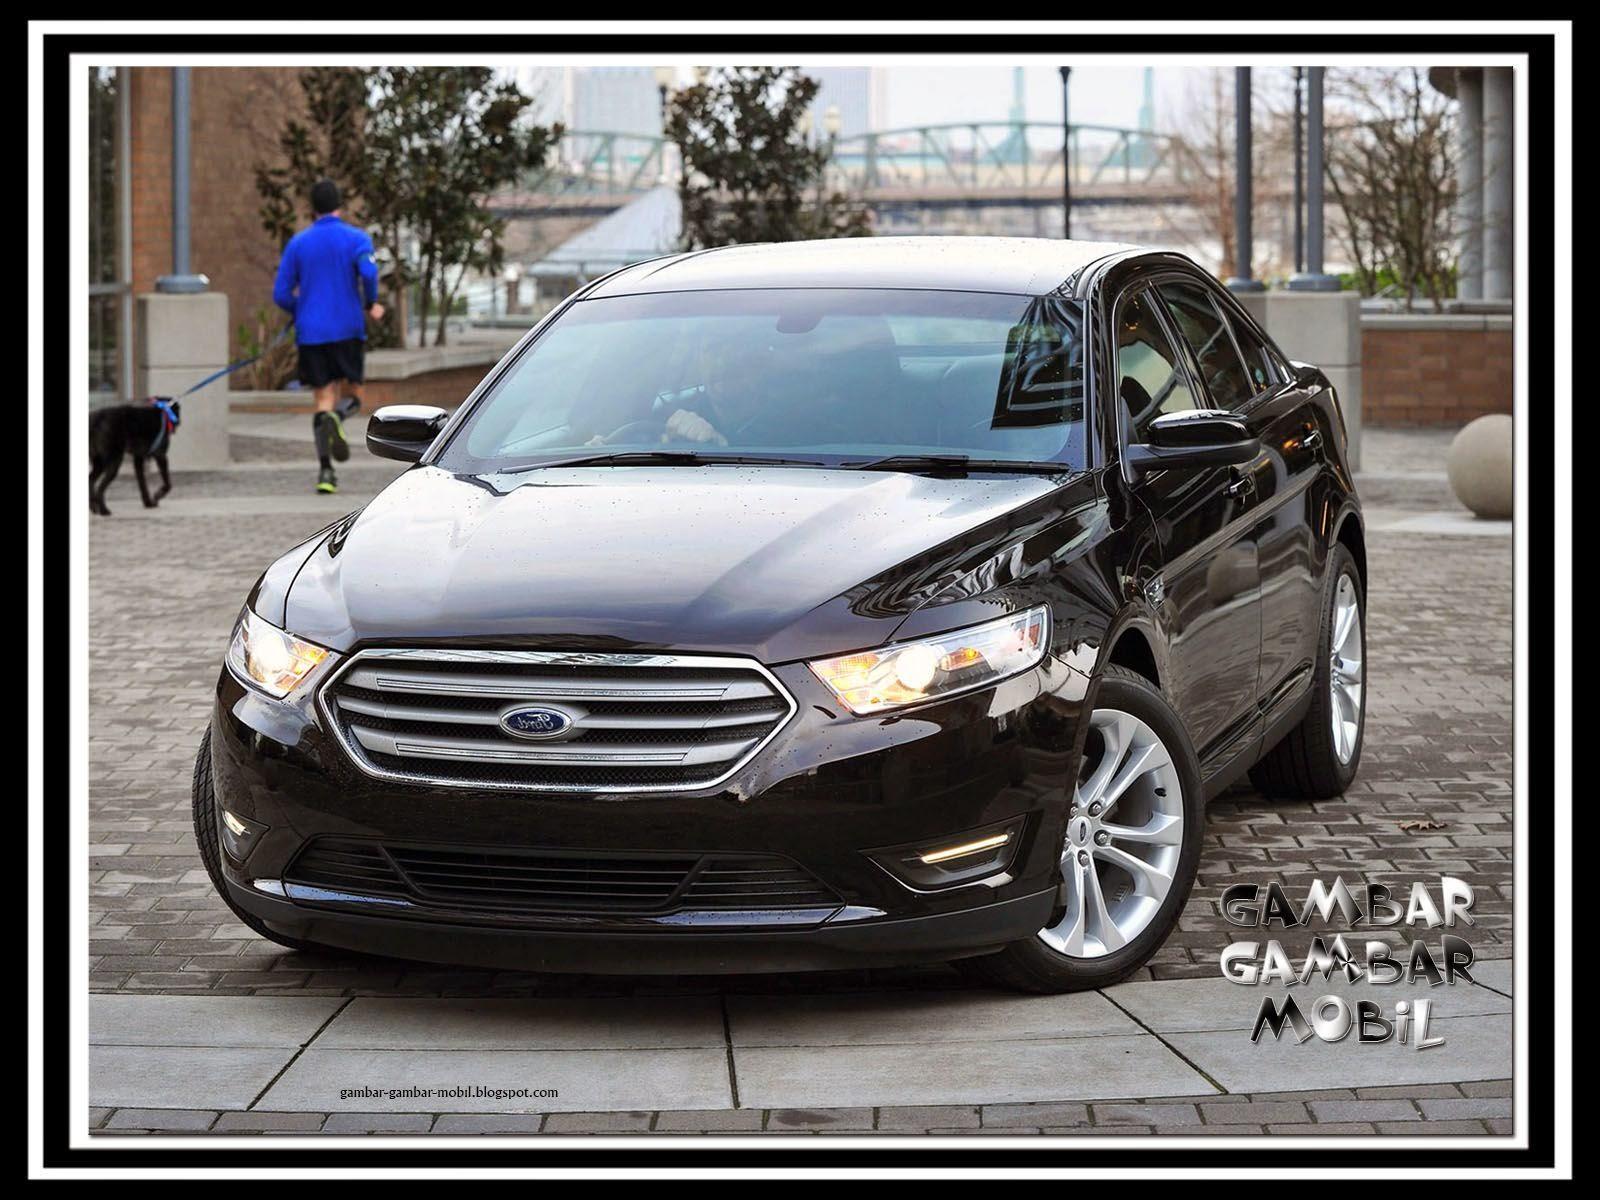 Gambar mobil sedan  Gambar Gambar Mobil